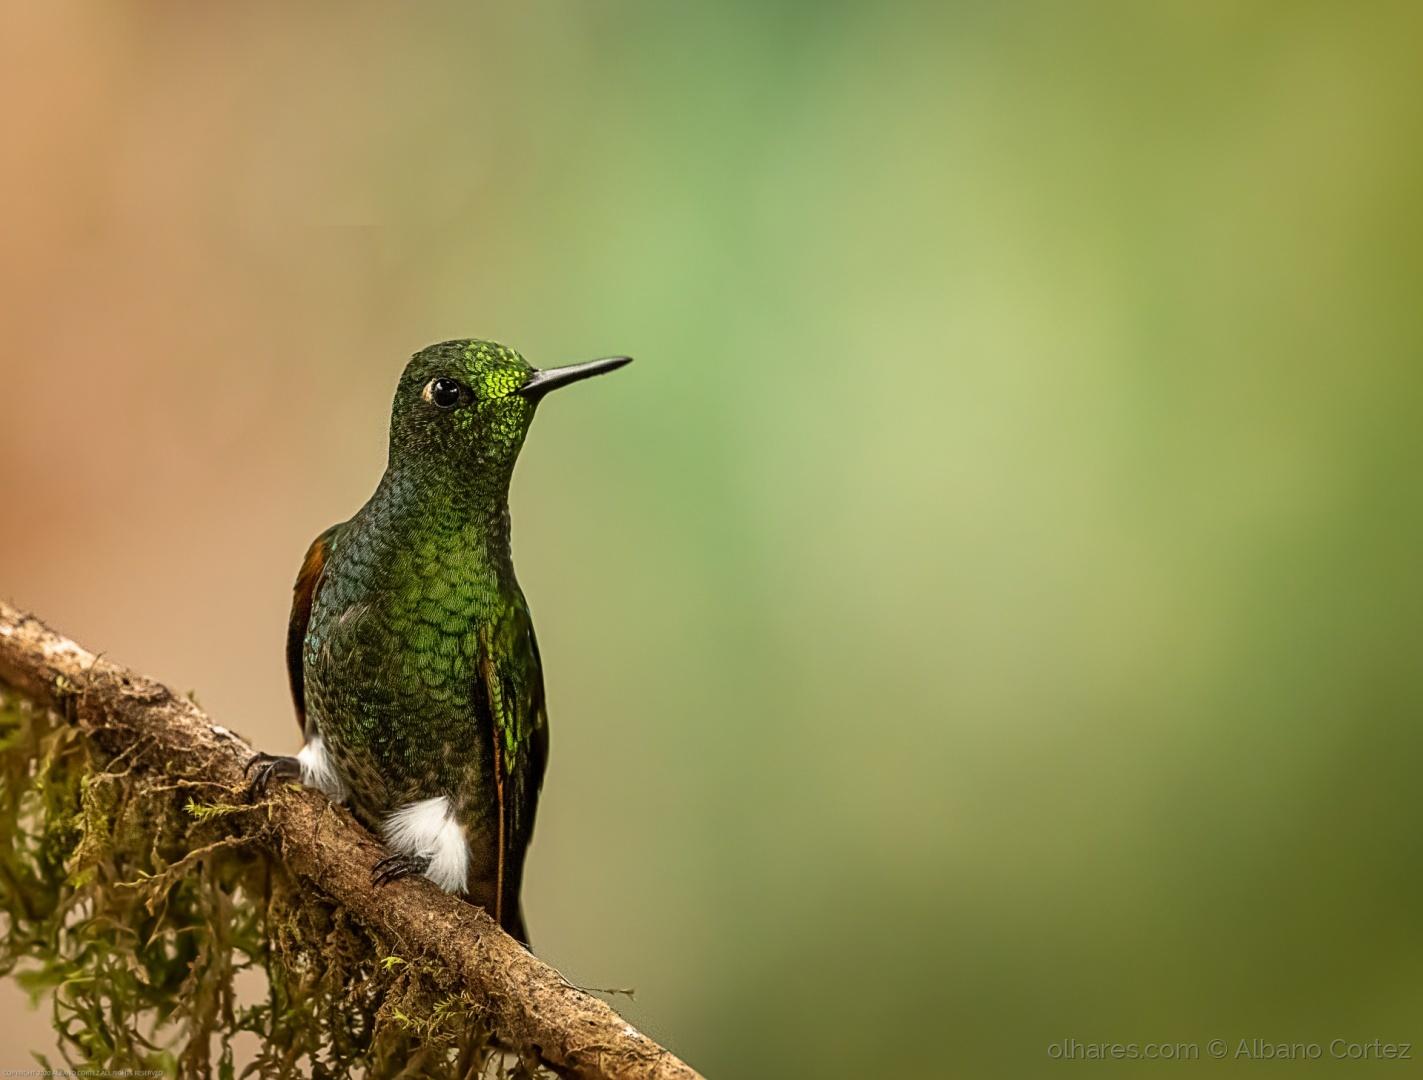 Animais/Birding